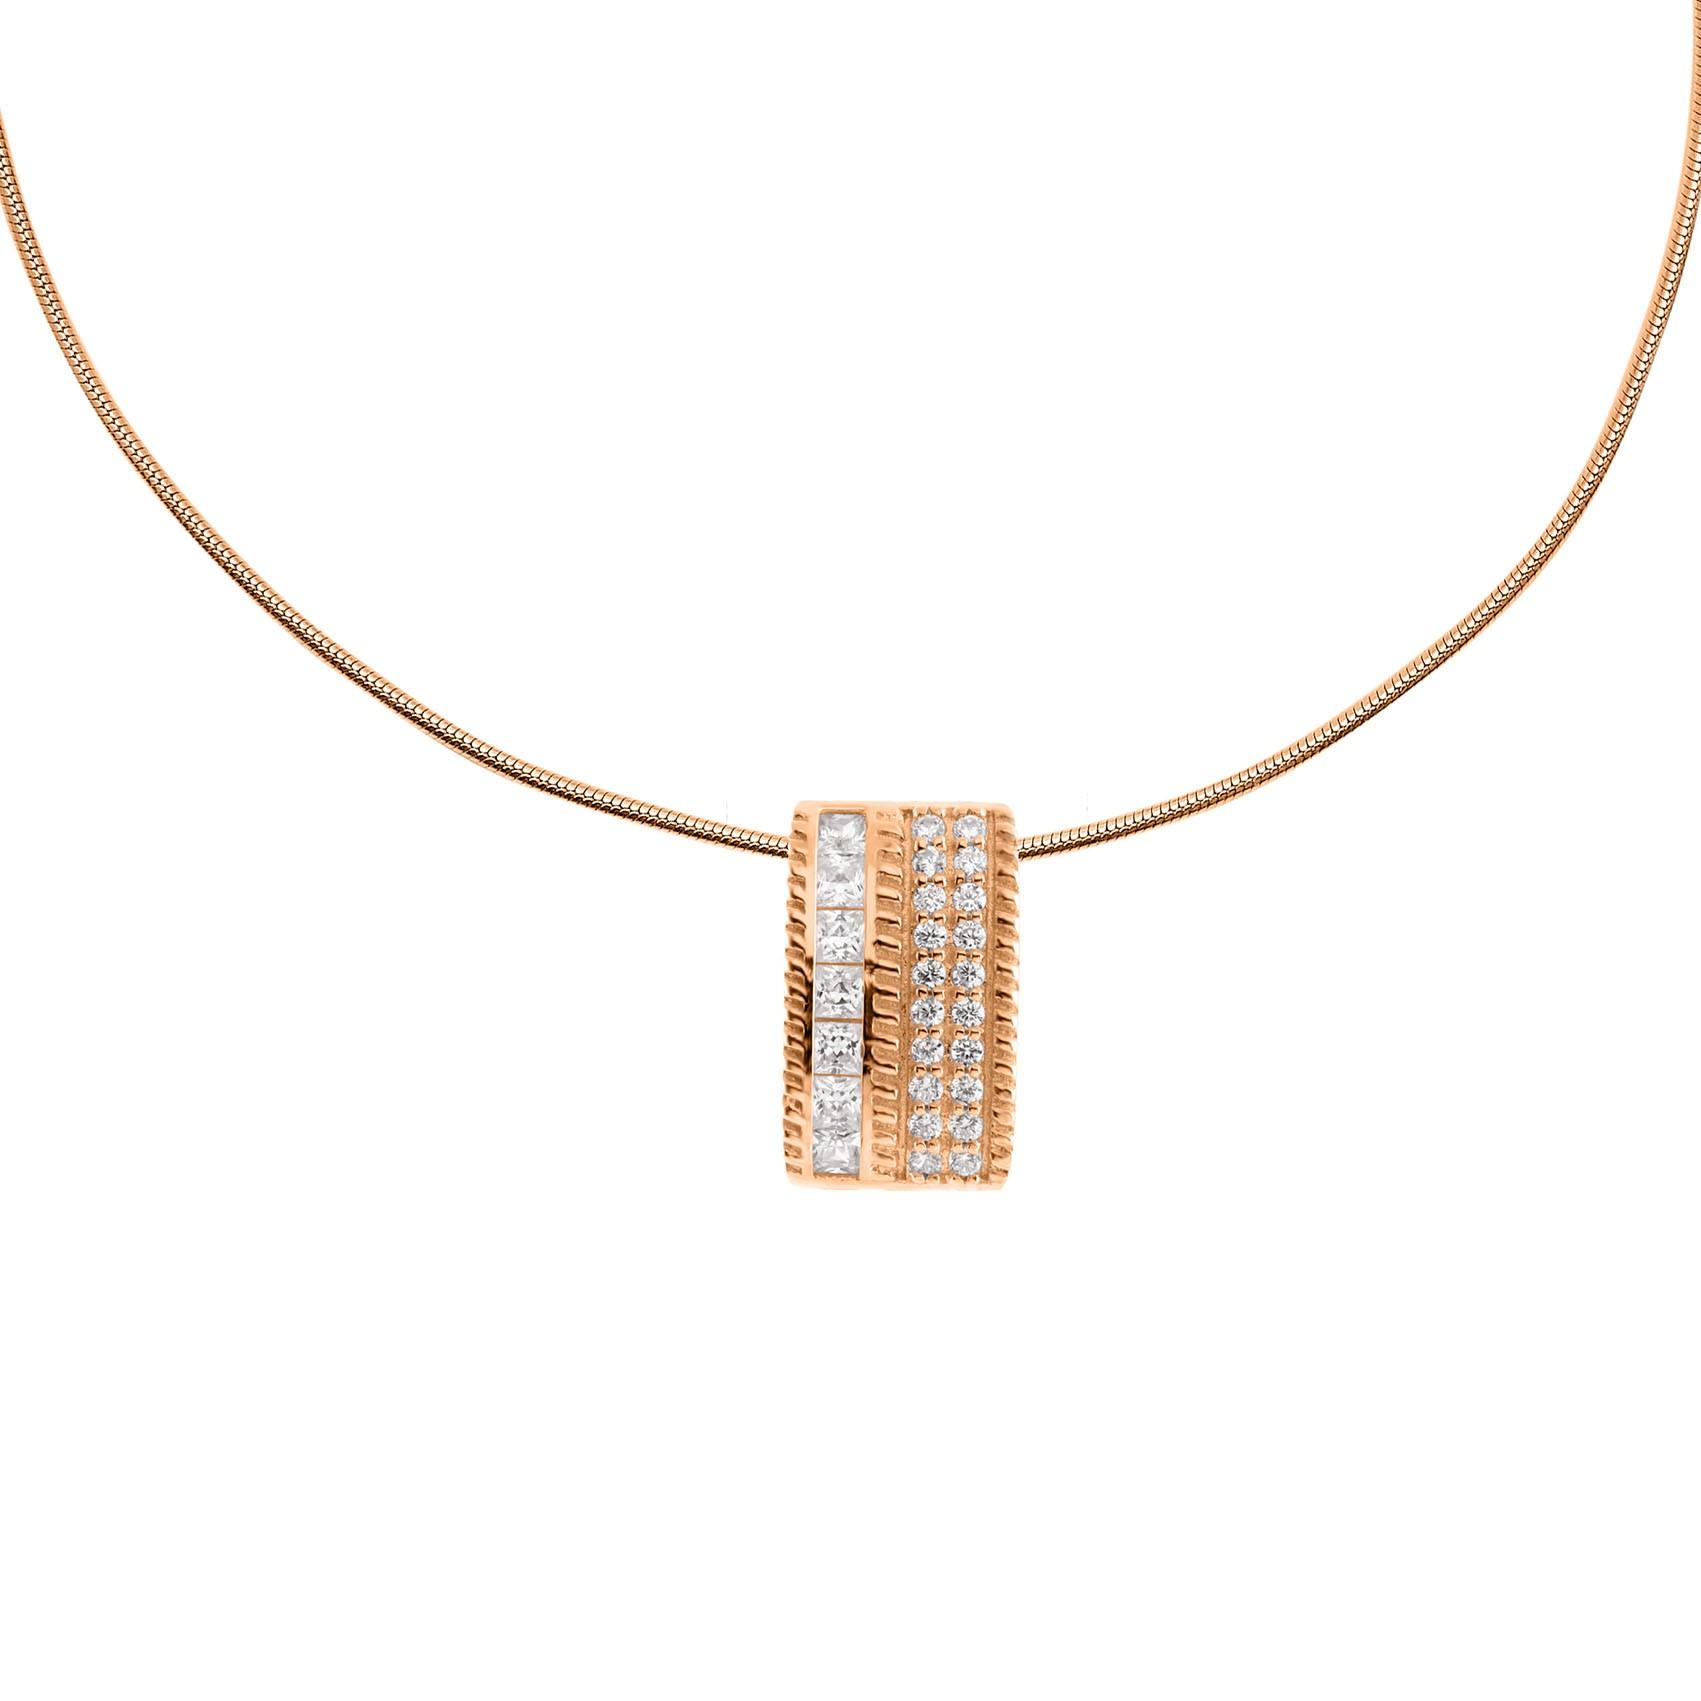 Zilveren Collier met Hanger Rosé-goud plated 803.0367.45